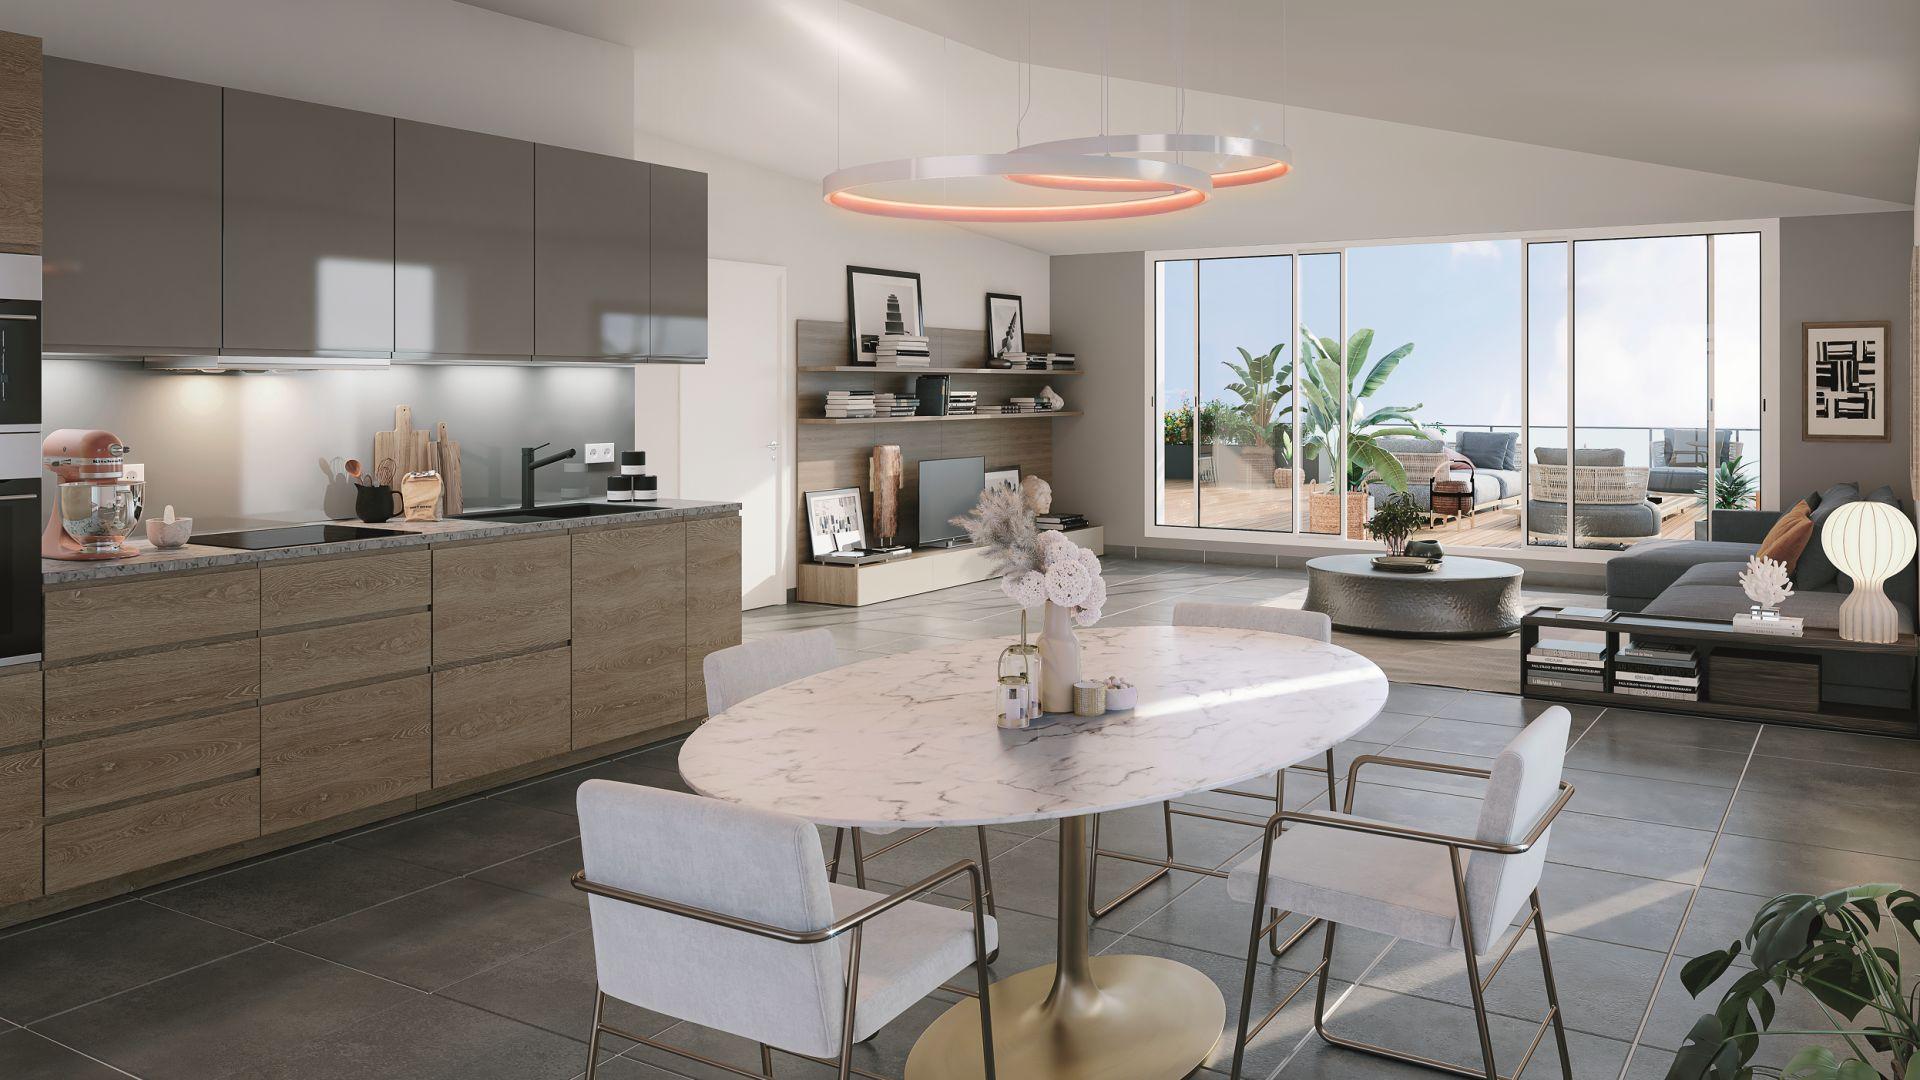 Greencity Immobilier - Résidence Parc du Vallon - 31200 Toulouse Pouvourville - a vendre appartements du T2 au T5 - vue intérieure